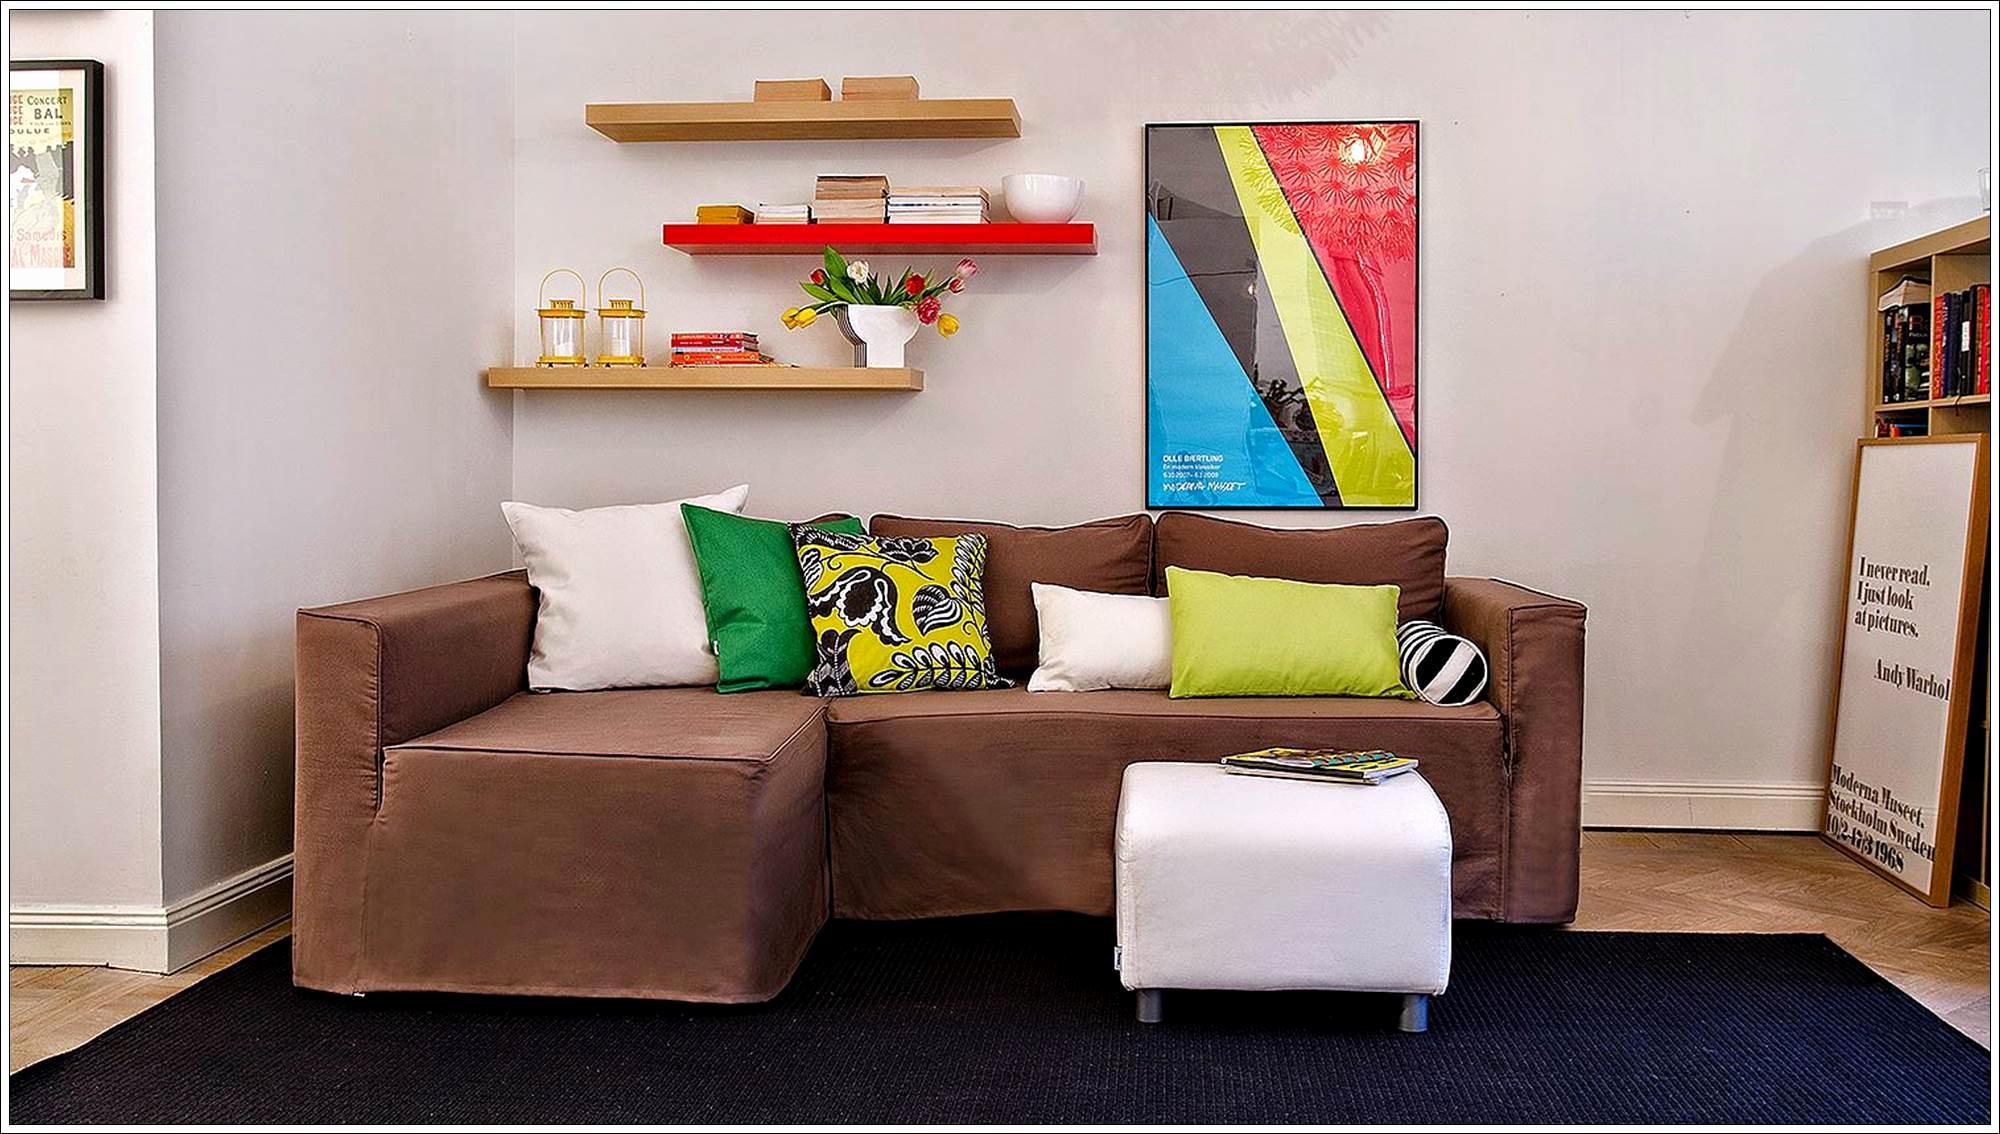 Ektorp 2 Places Frais Images 18 Canap Convertible Ikea Ektorp Décoration De Maison Décoration